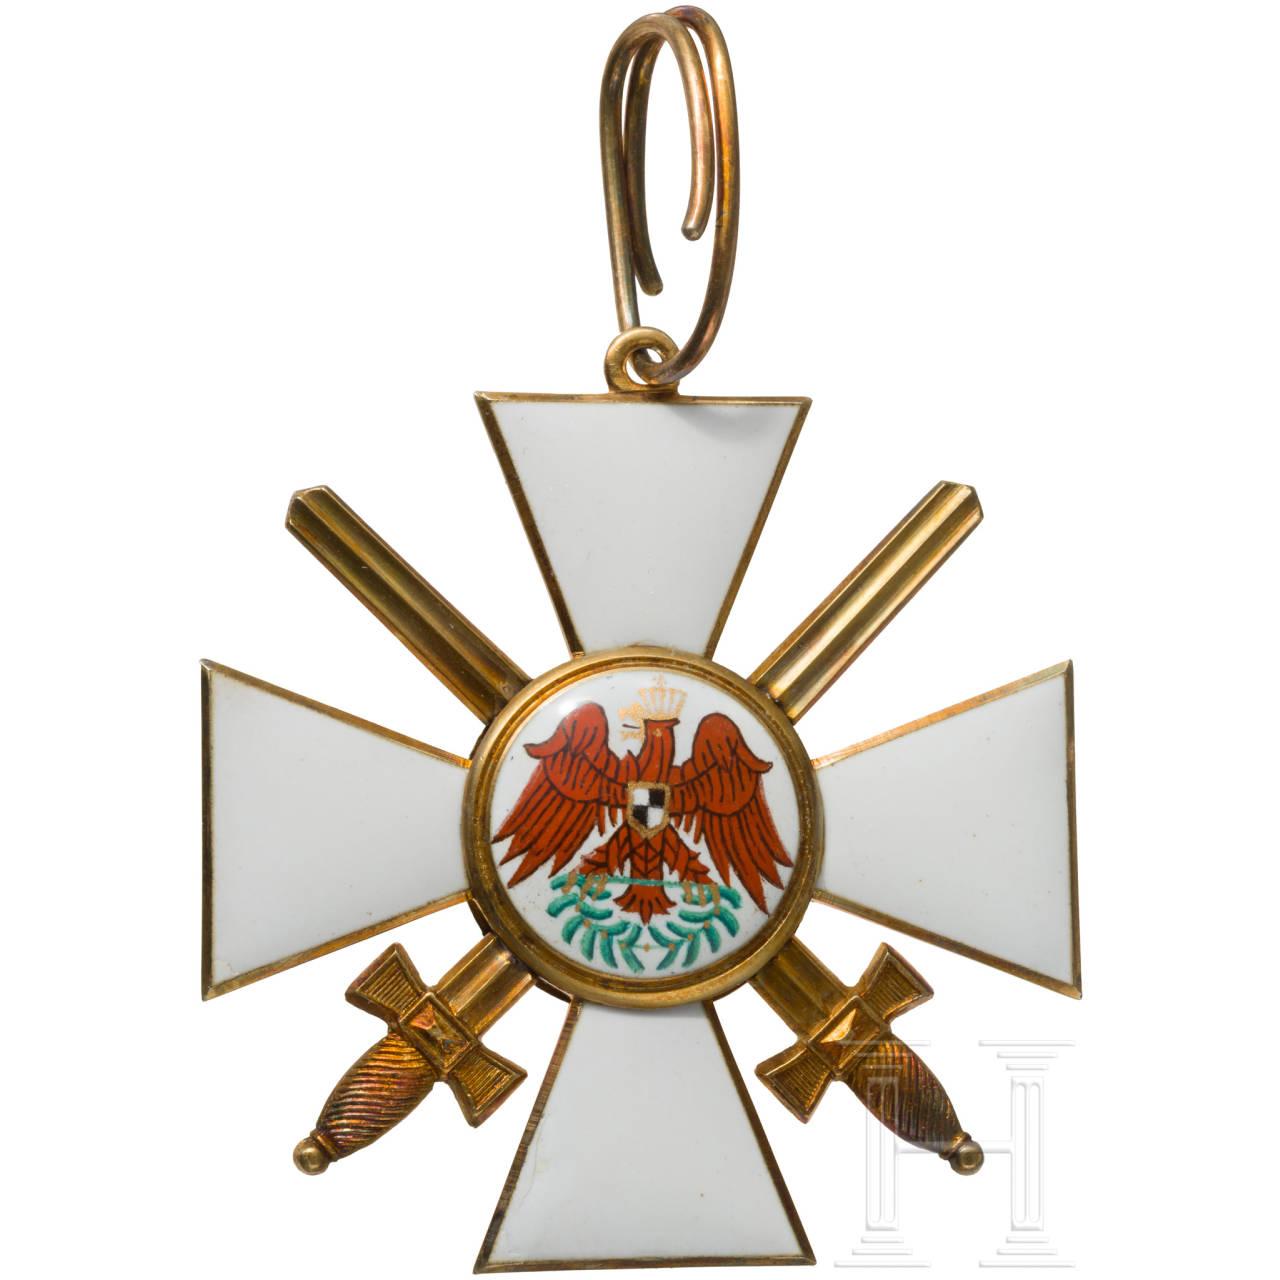 Preußischer Roter Adler-Orden - Kreuz zur 1. Klasse mit Schwertern